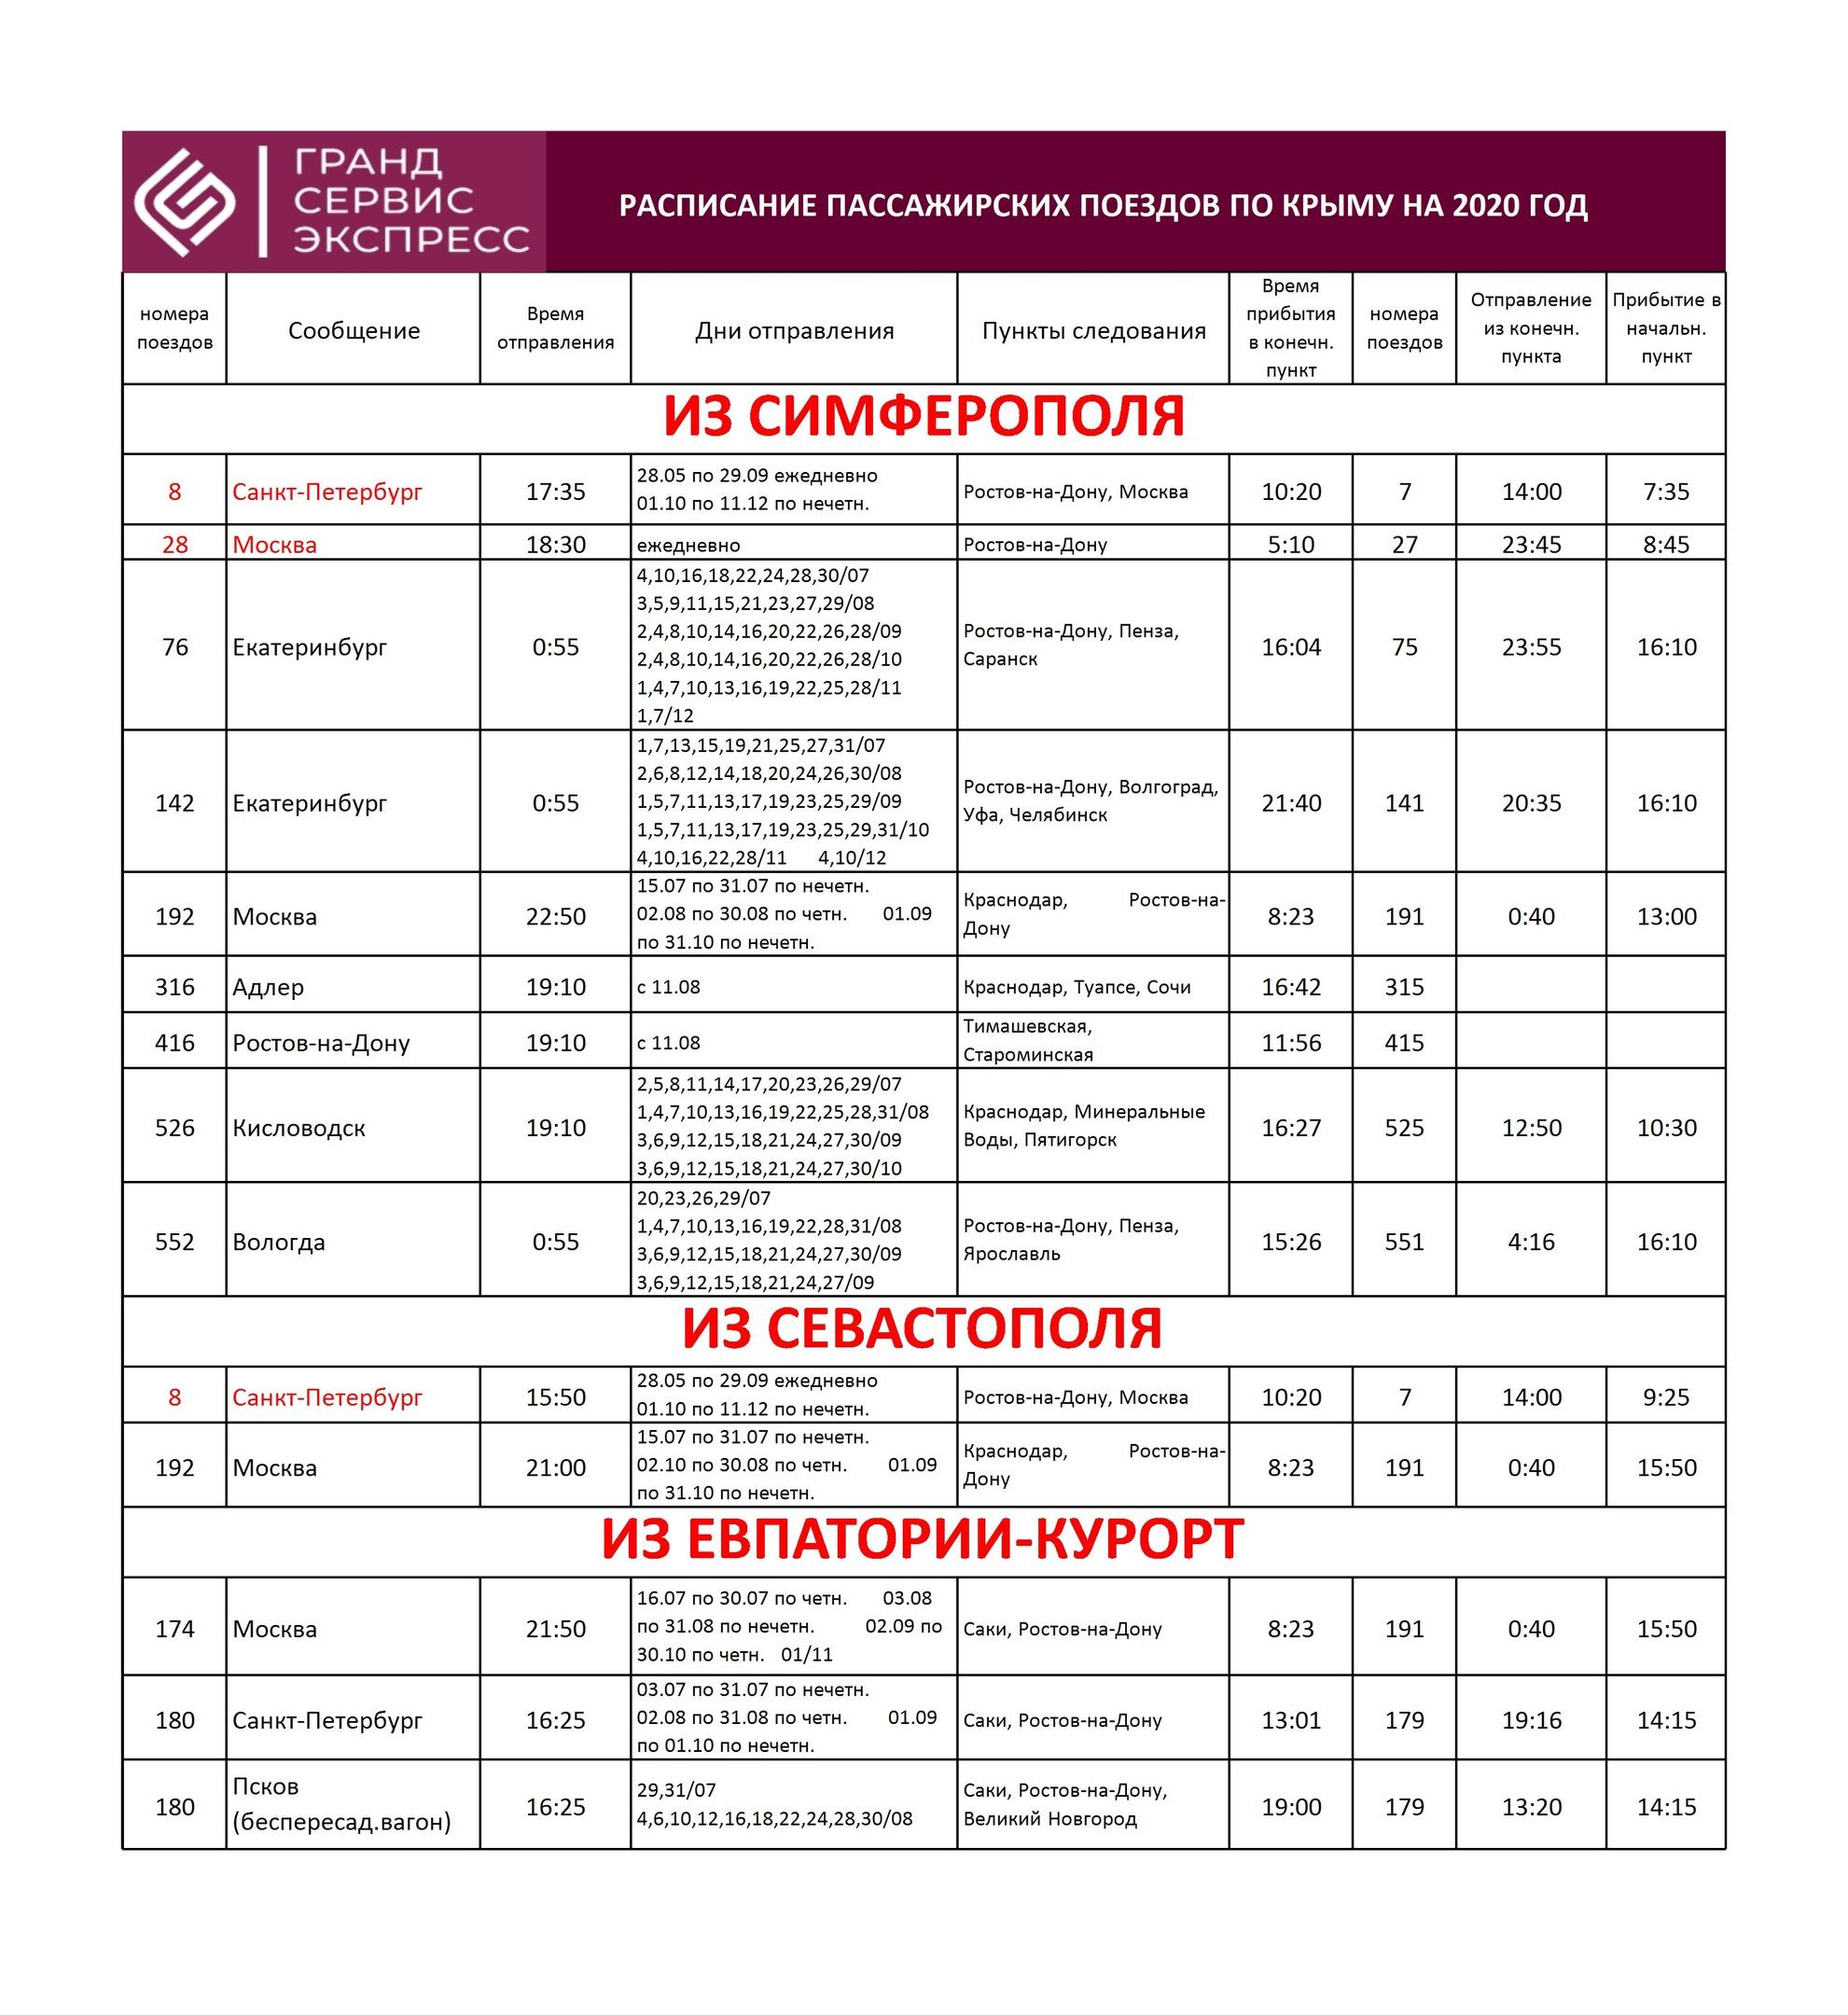 Расписания поездов и электропоездов в Крыму 2020